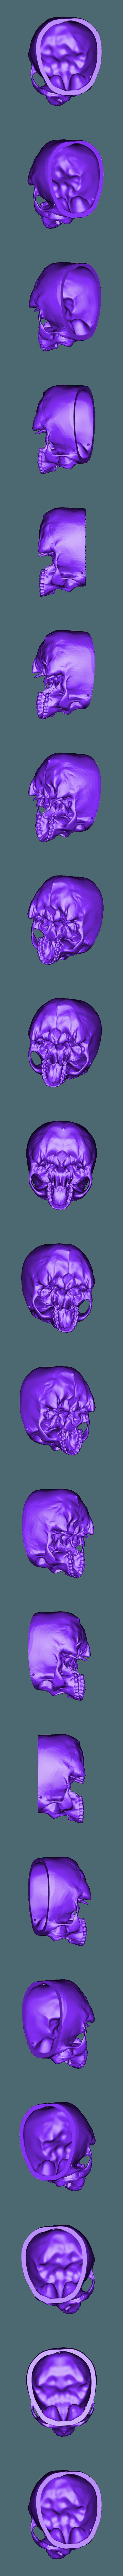 skullhangingplanter.stl Télécharger fichier STL gratuit Remélange de bol de crâne dans la jardinière accrochante de crâne / pot • Objet pour impression 3D, ranibizumab